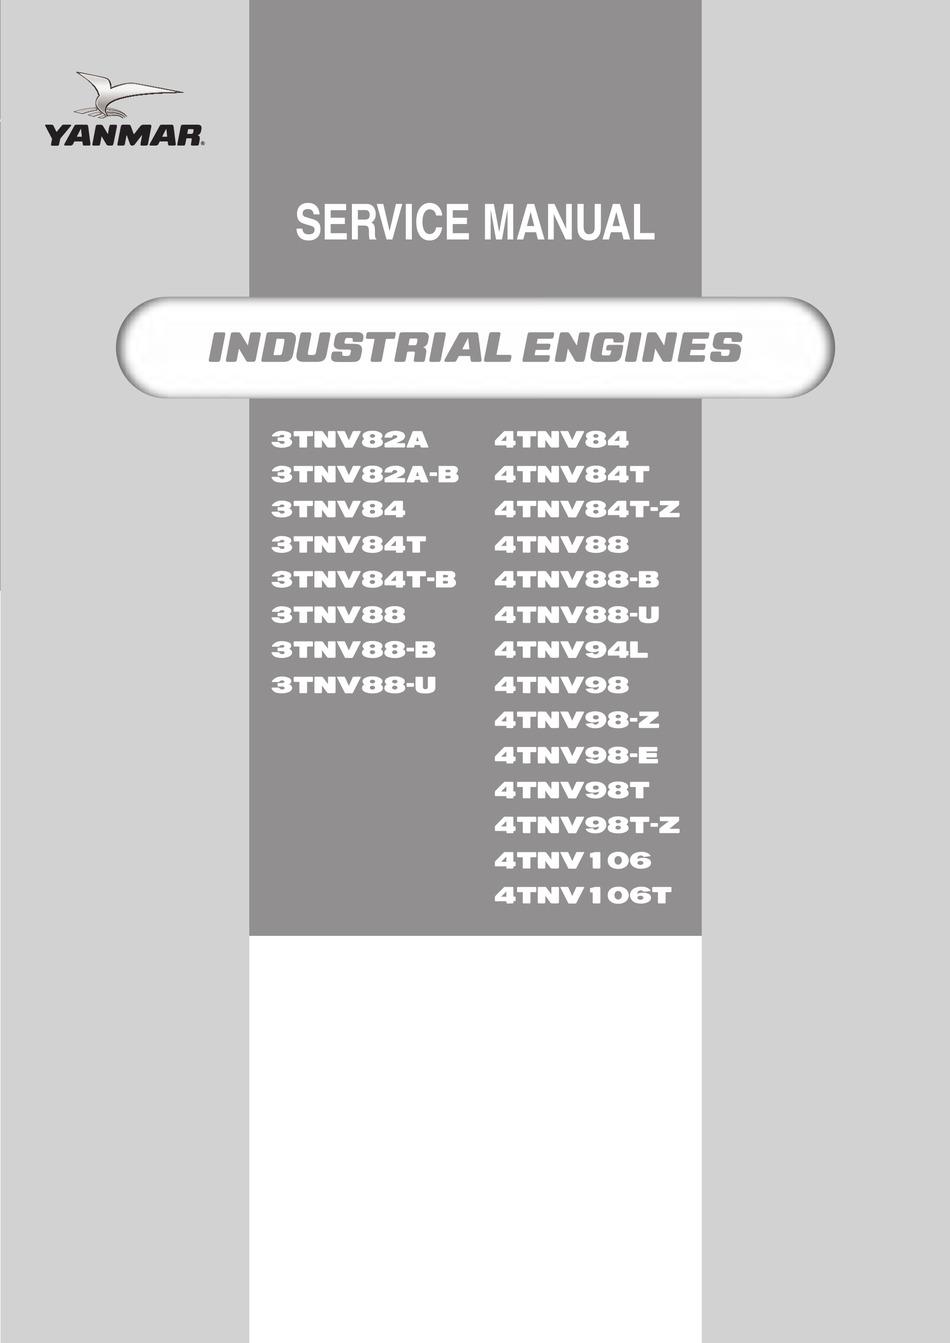 Yanmar 3tnv82a B Service Manual Pdf Download Manualslib